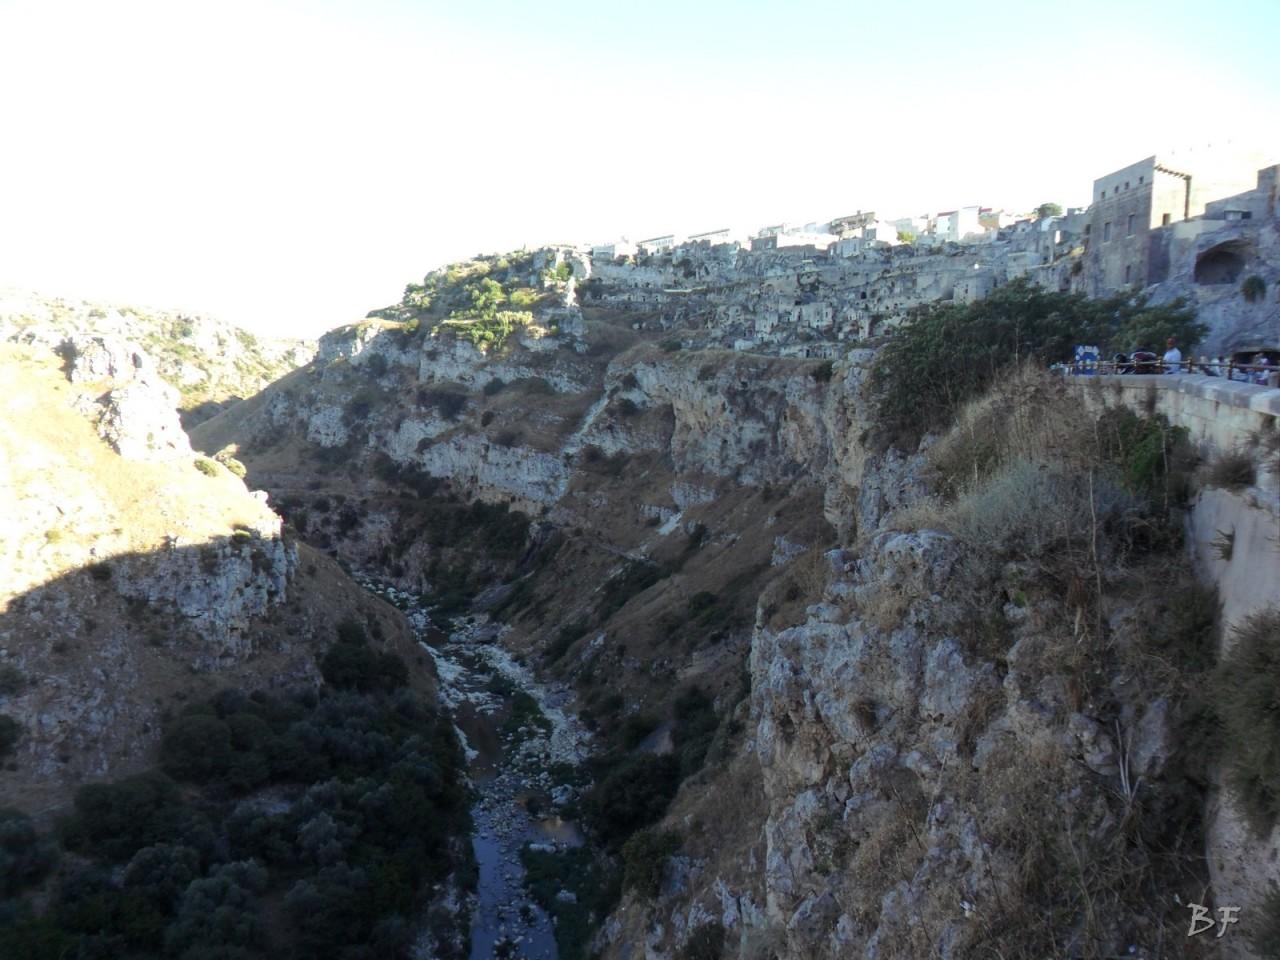 Sasso-Caveoso-Edifici-Rupestri-Megaliti-Sassi-di-Matera-basilicata-Italia-7